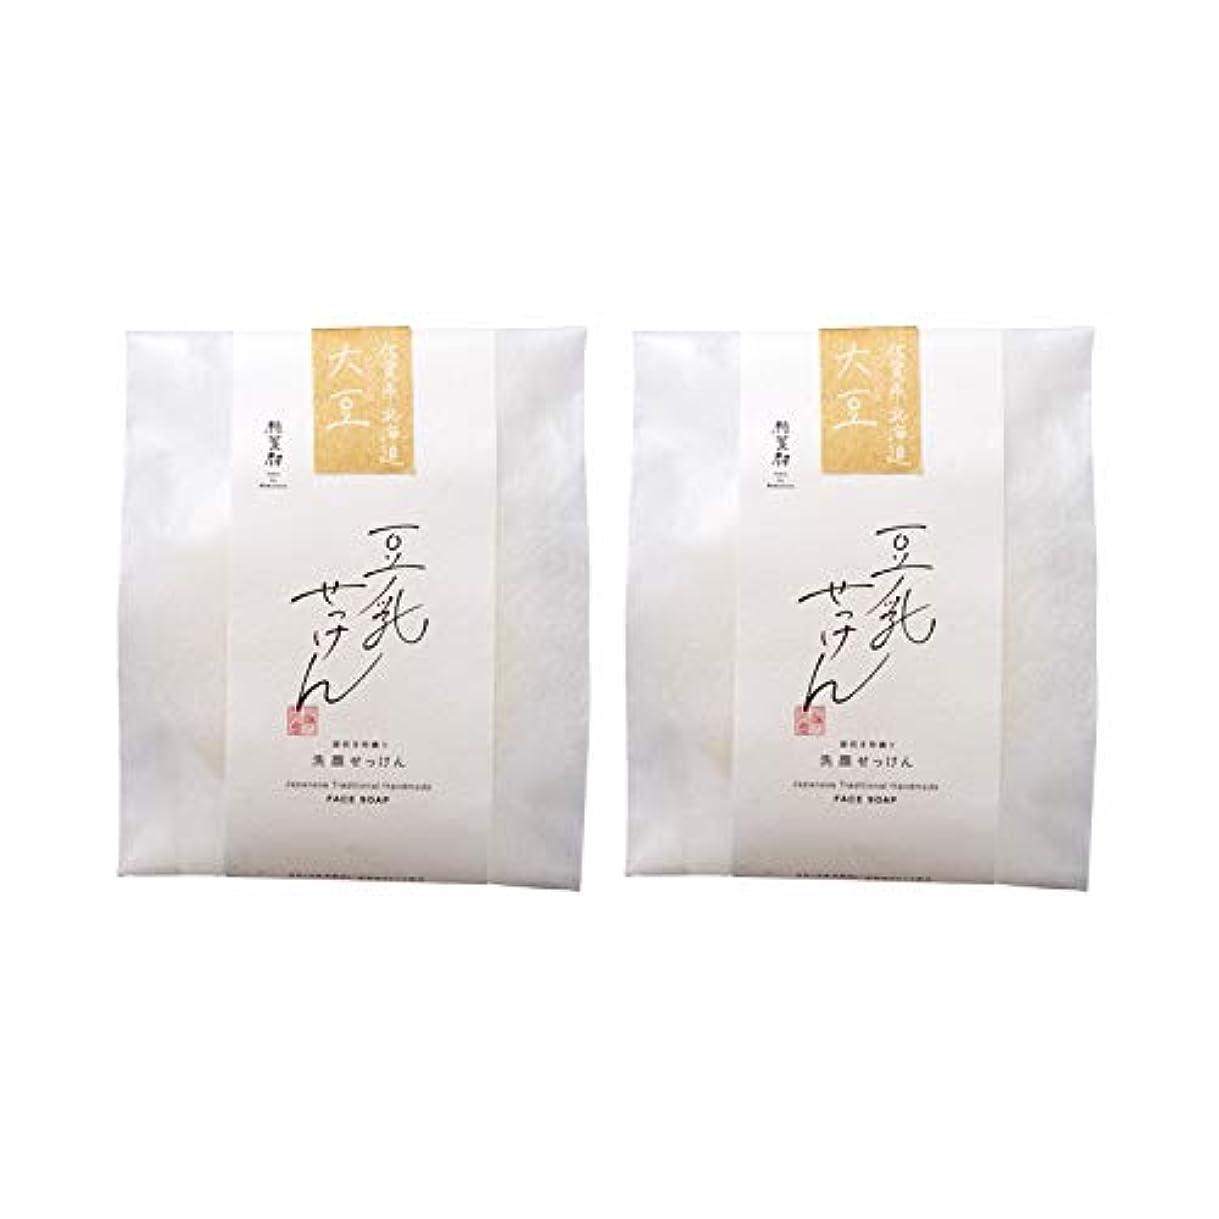 ラダ現代階段豆腐の盛田屋 豆乳せっけん 自然生活 100g×2個セット